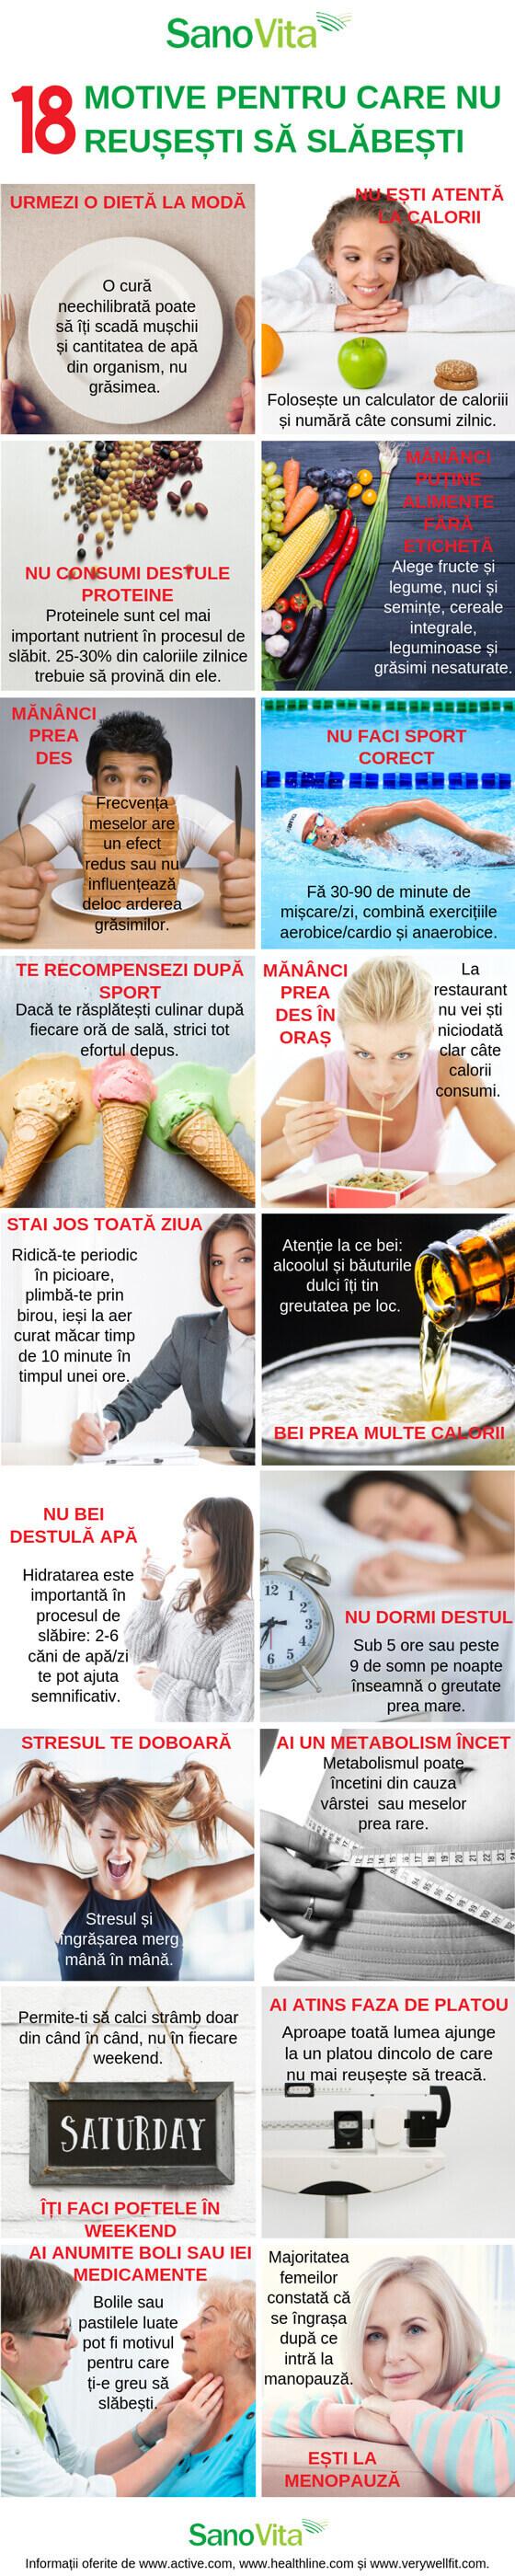 adhd meds care te fac să pierzi în greutate)